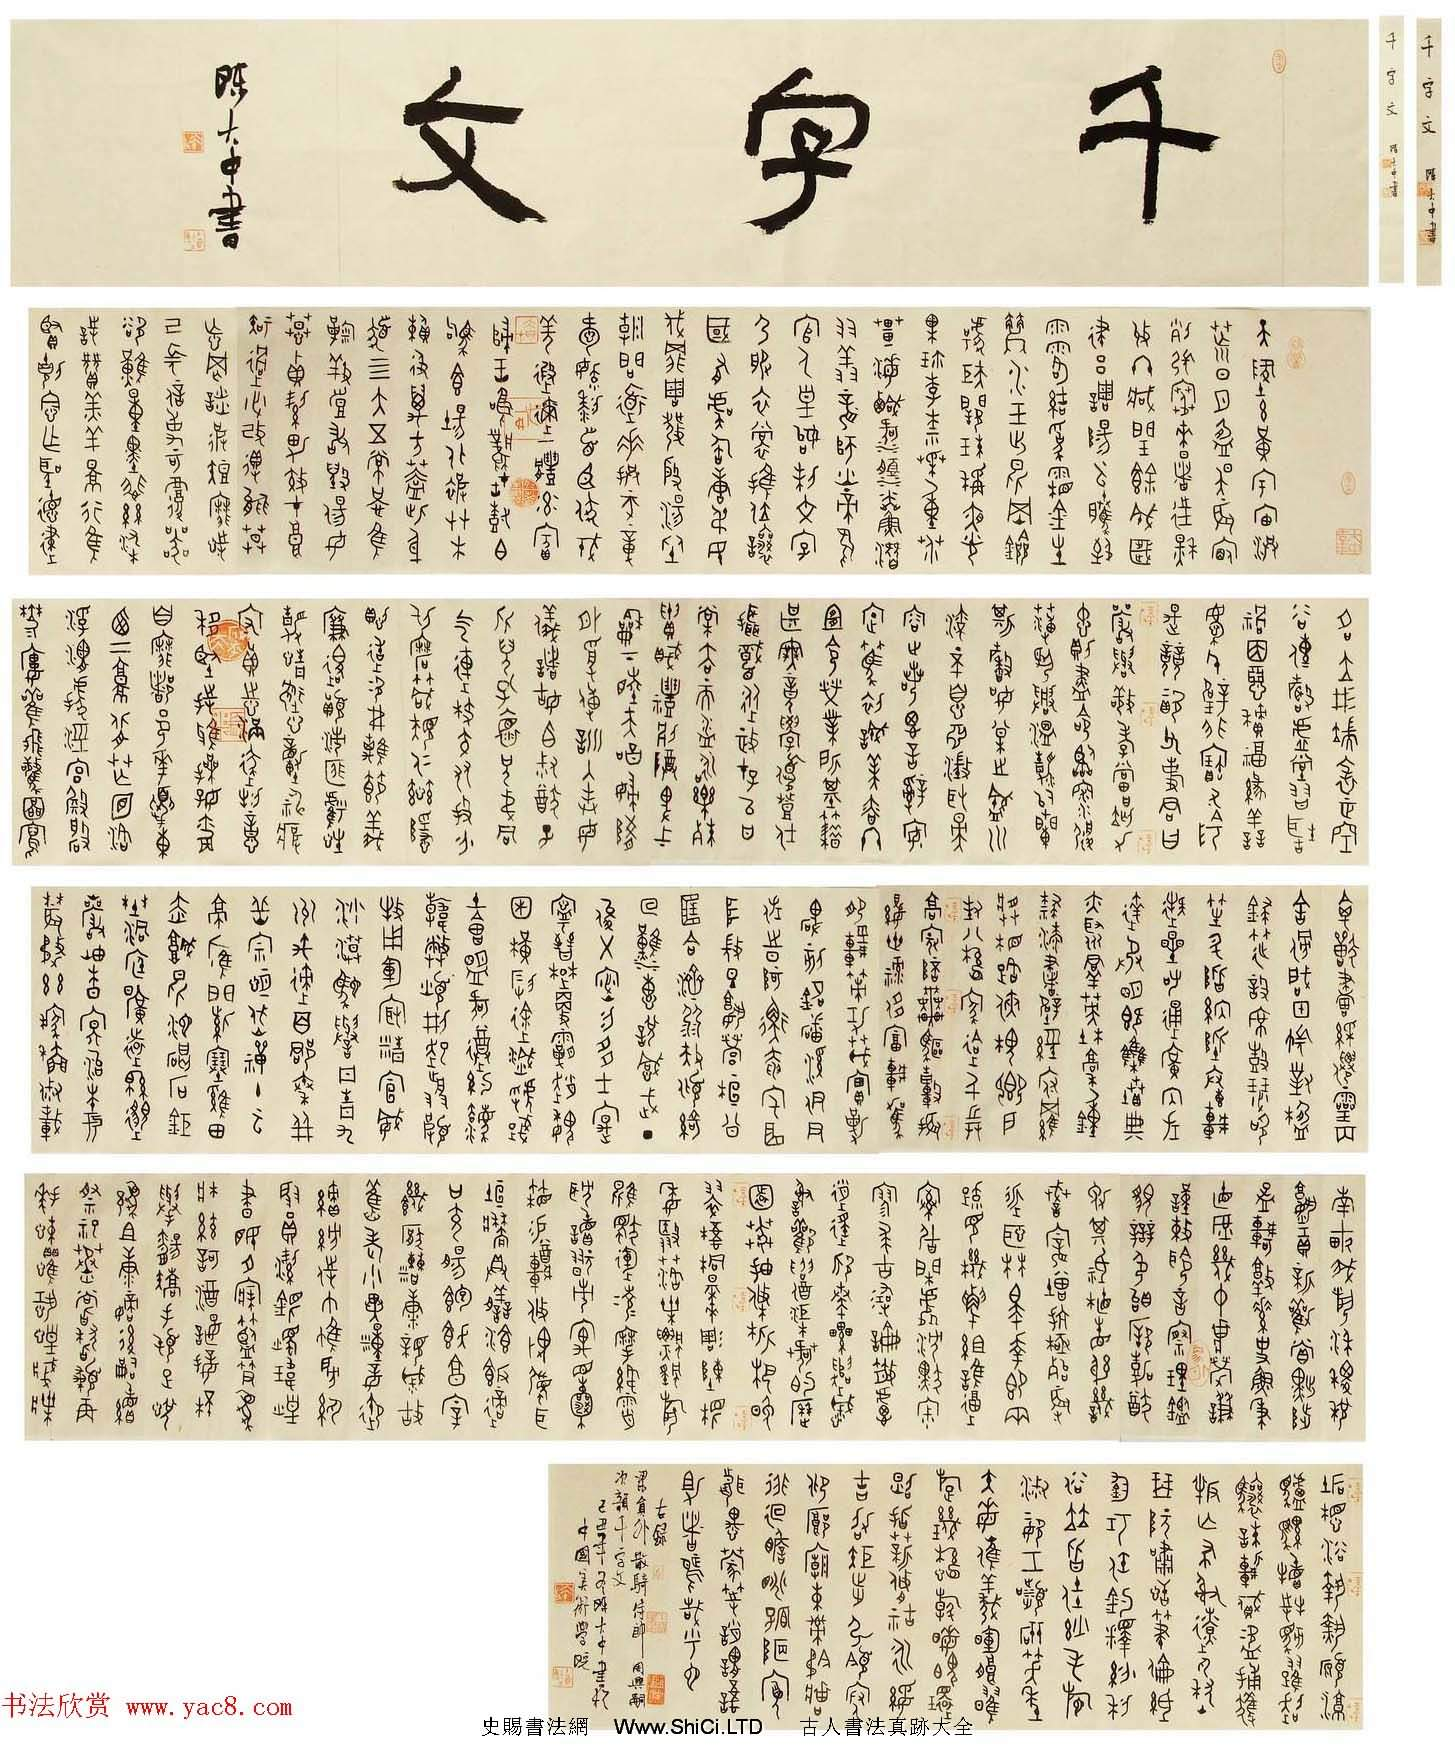 陳大中書法作品真跡欣賞《金文千字文》(共8張圖片)